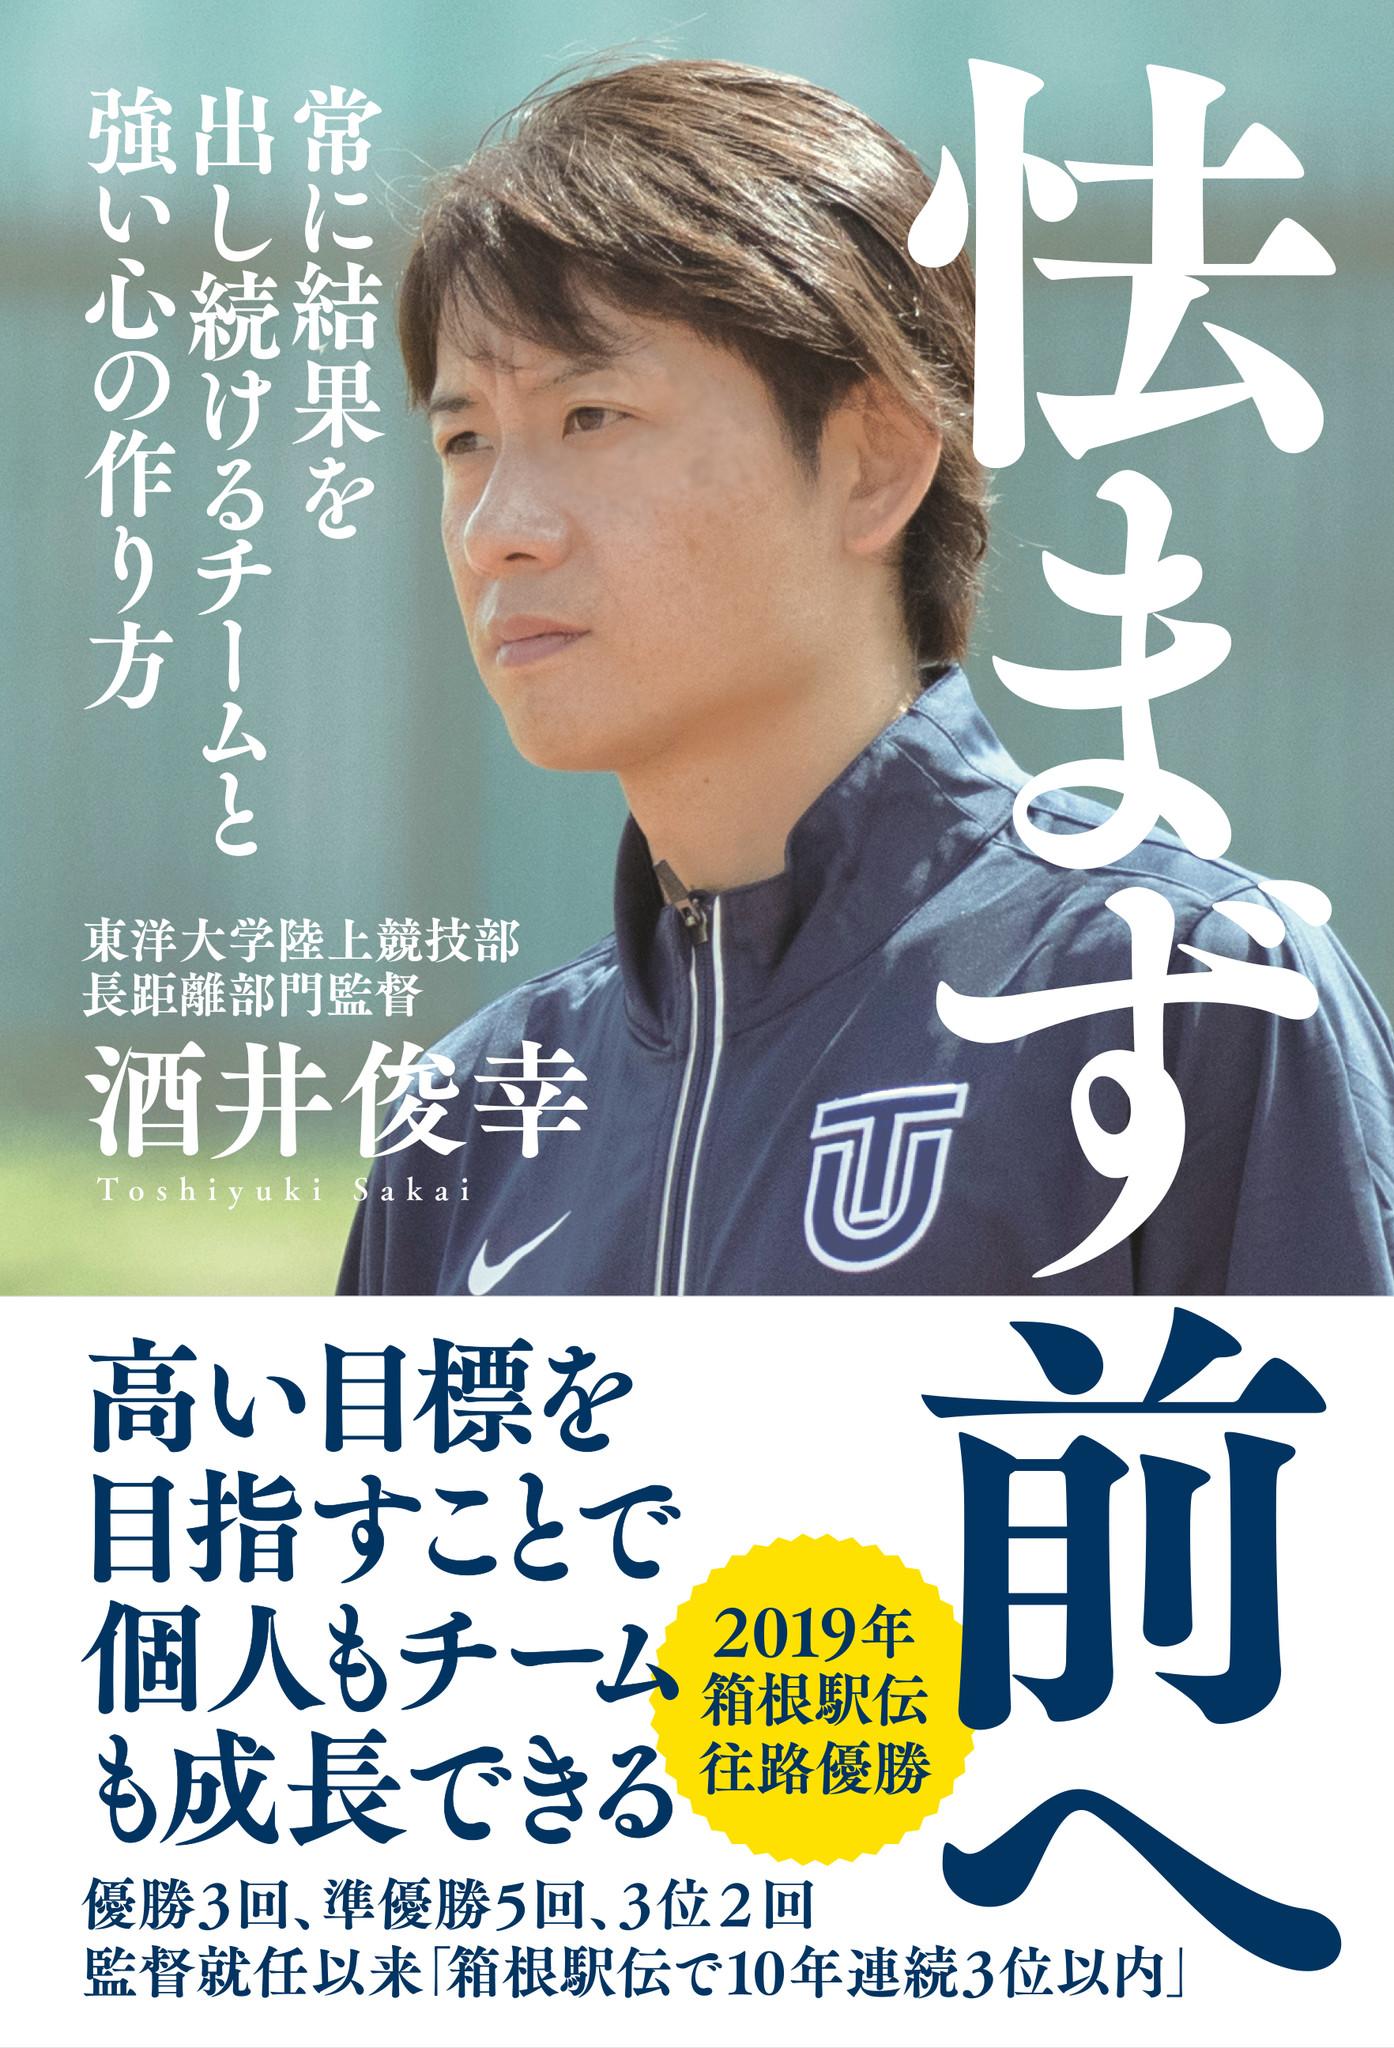 大学 箱根 2020 東洋 駅伝